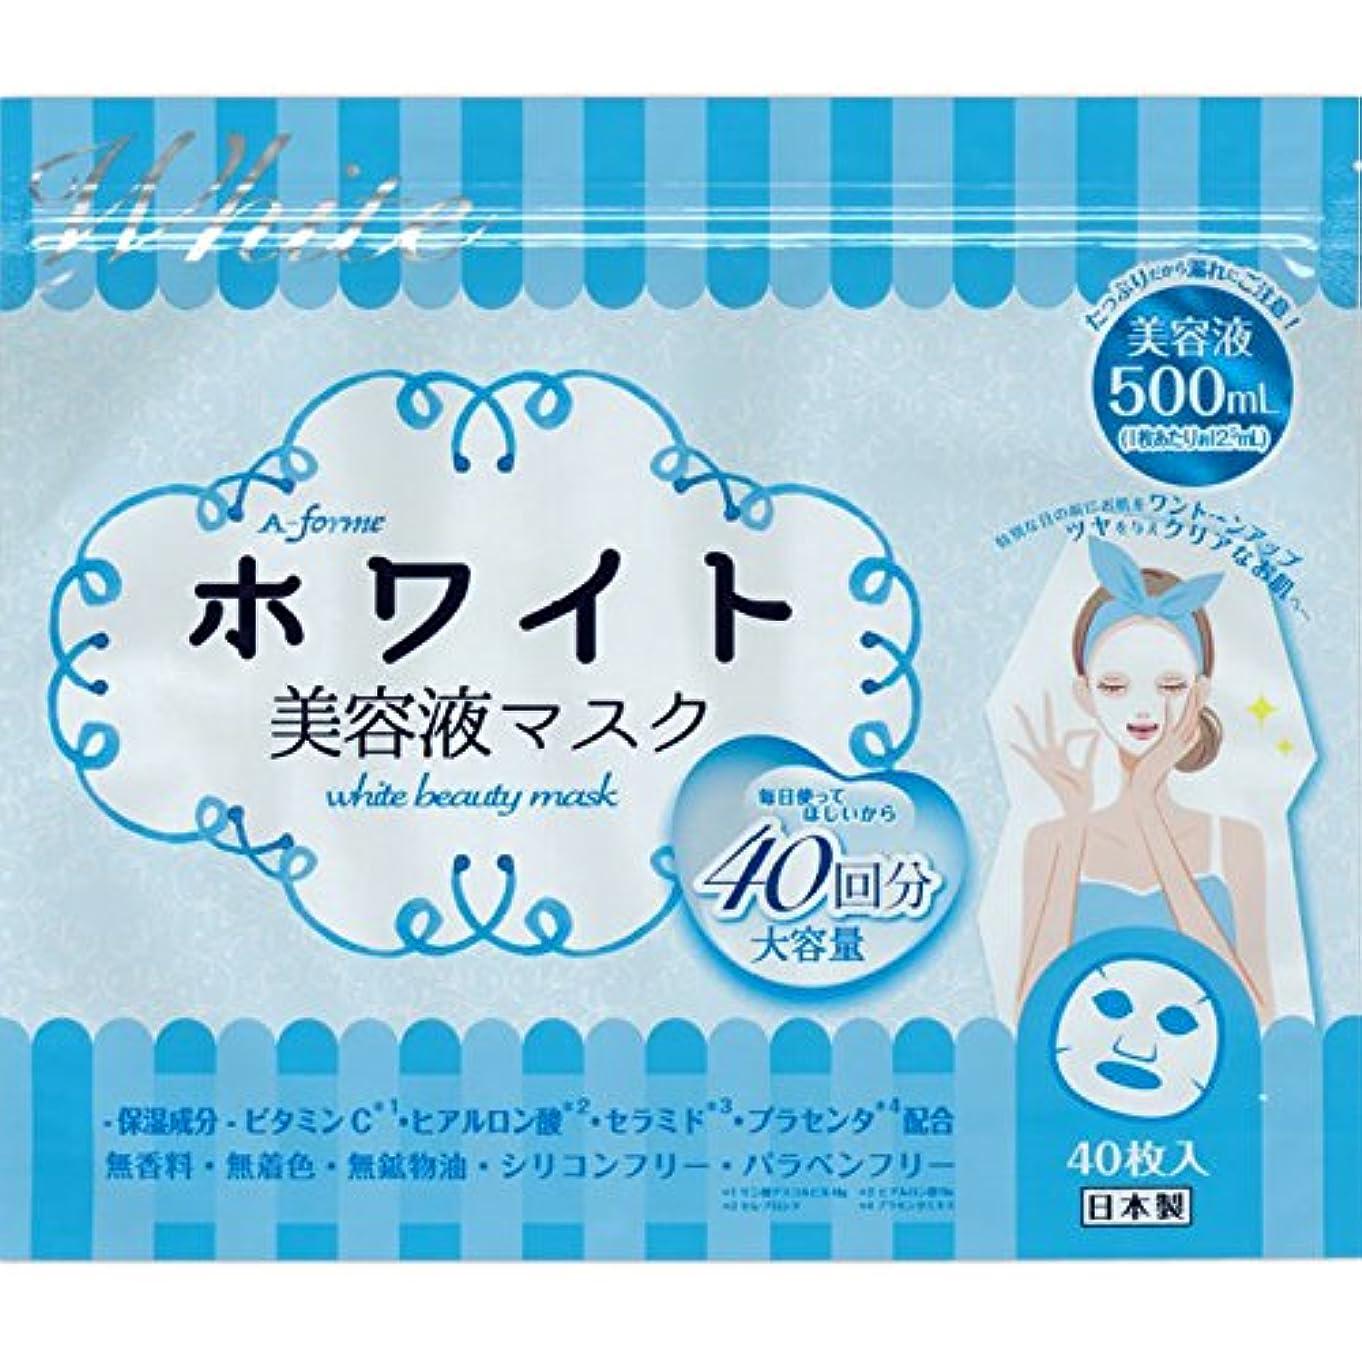 原理状態甘味エーフォルム ホワイト美容液マスク40枚×6